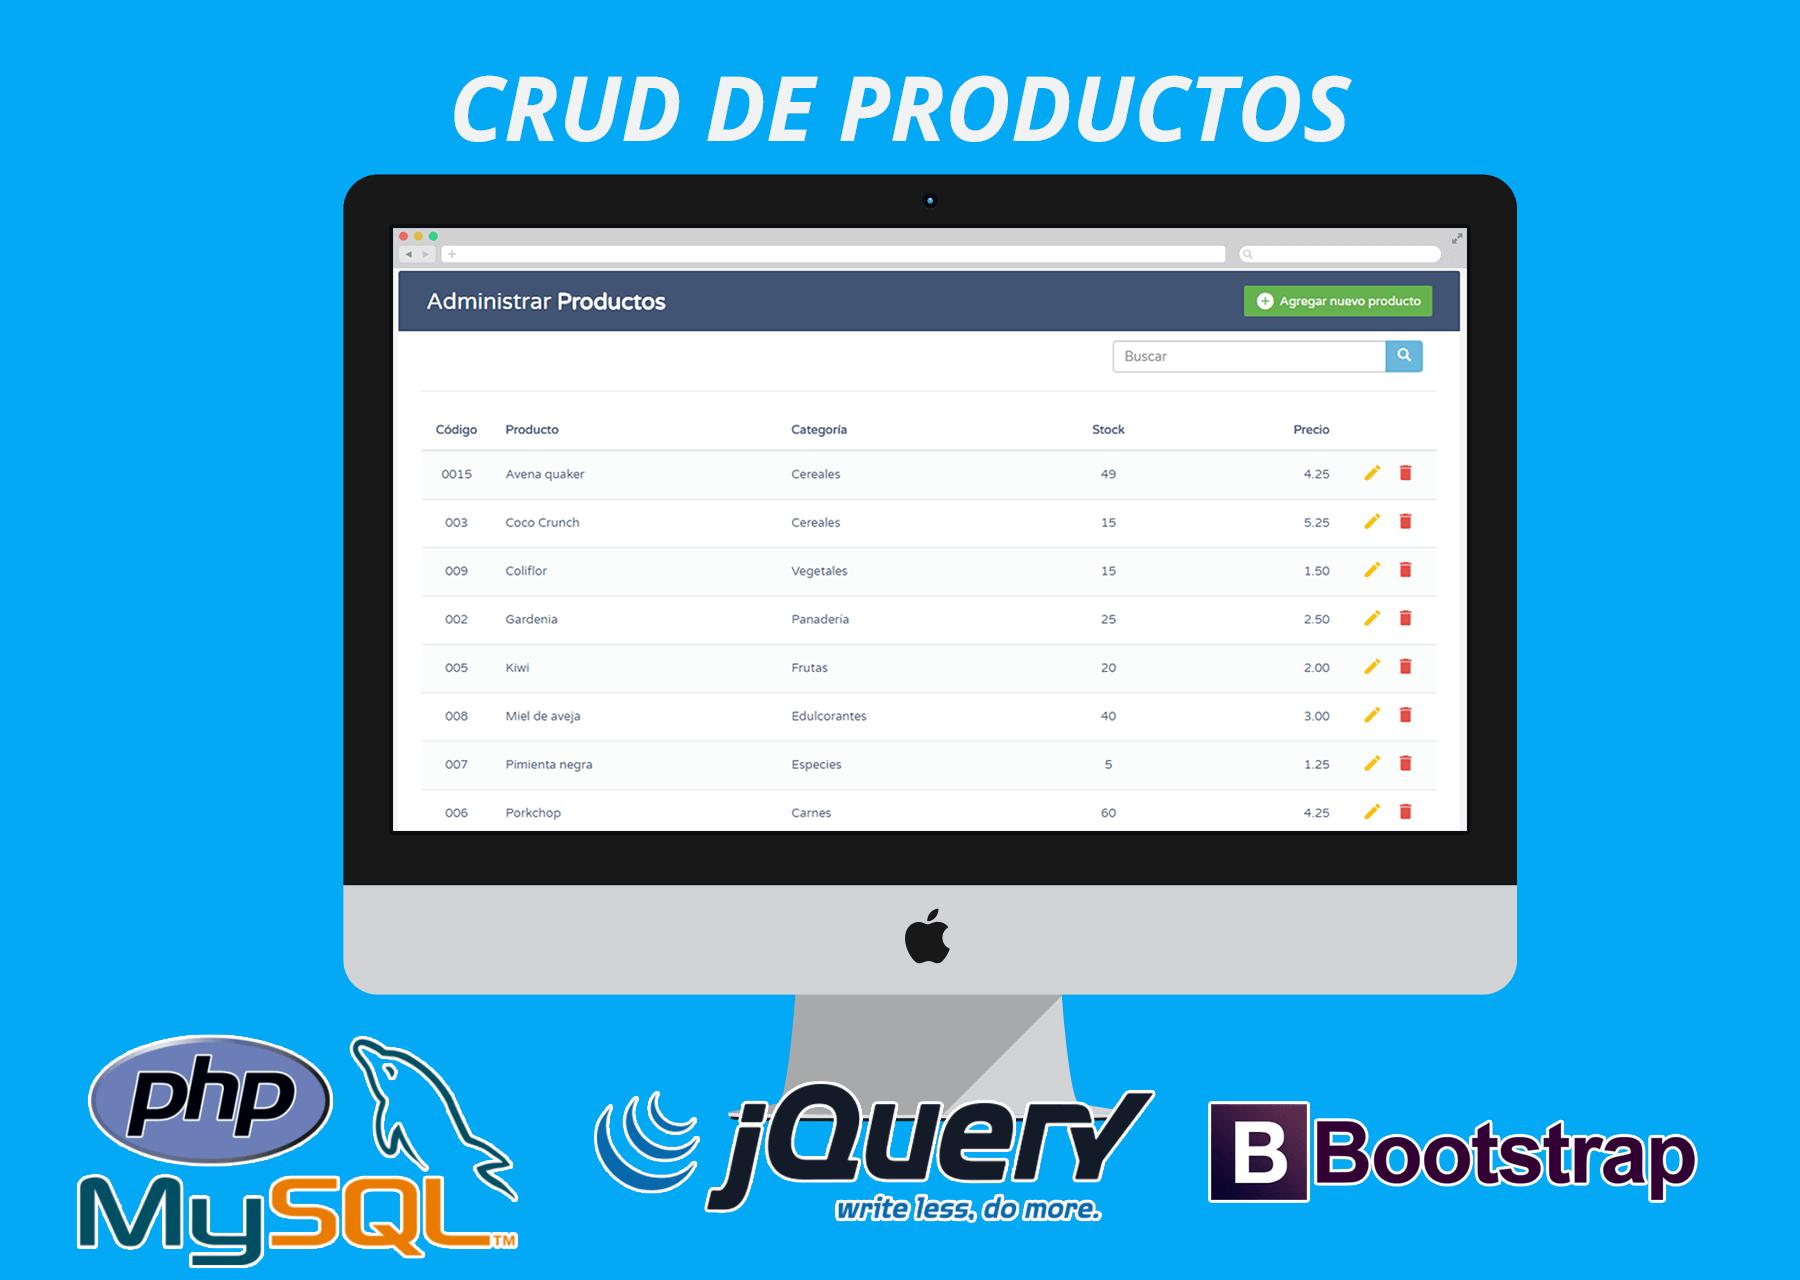 CRUD de productos con PHP - MySQL - jQuery AJAX